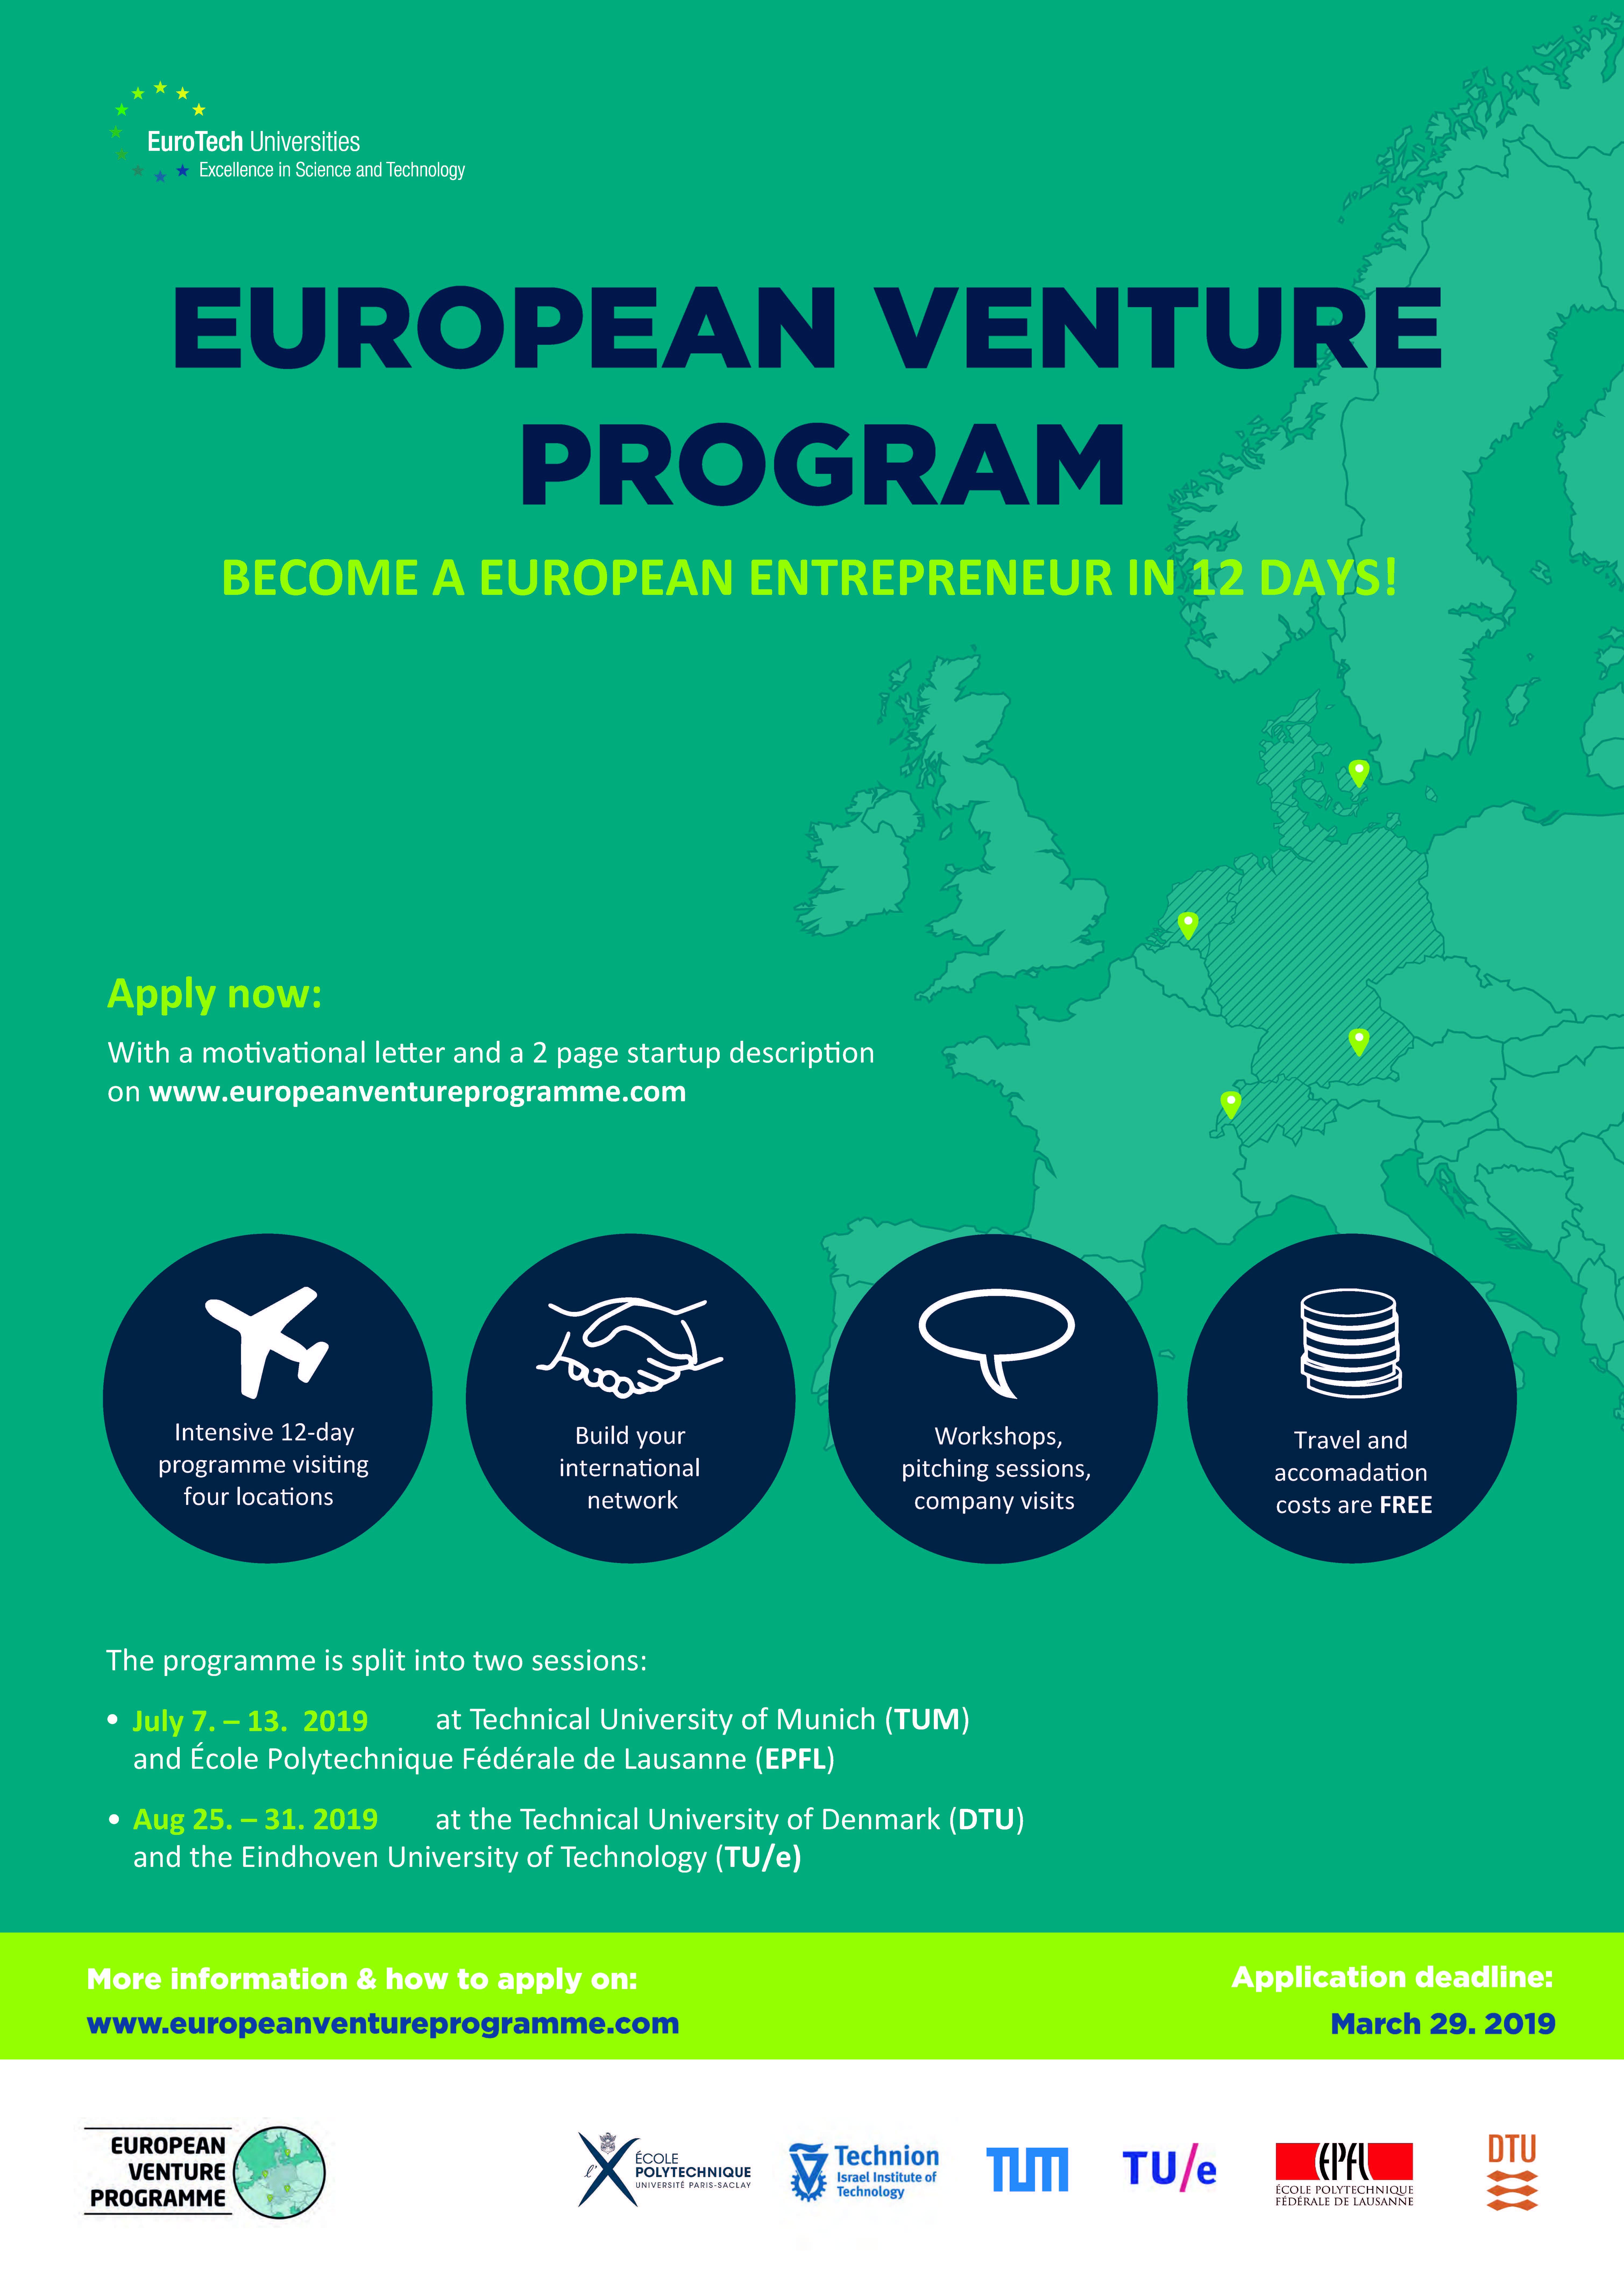 The European Venture Programme - Eurotech Universities